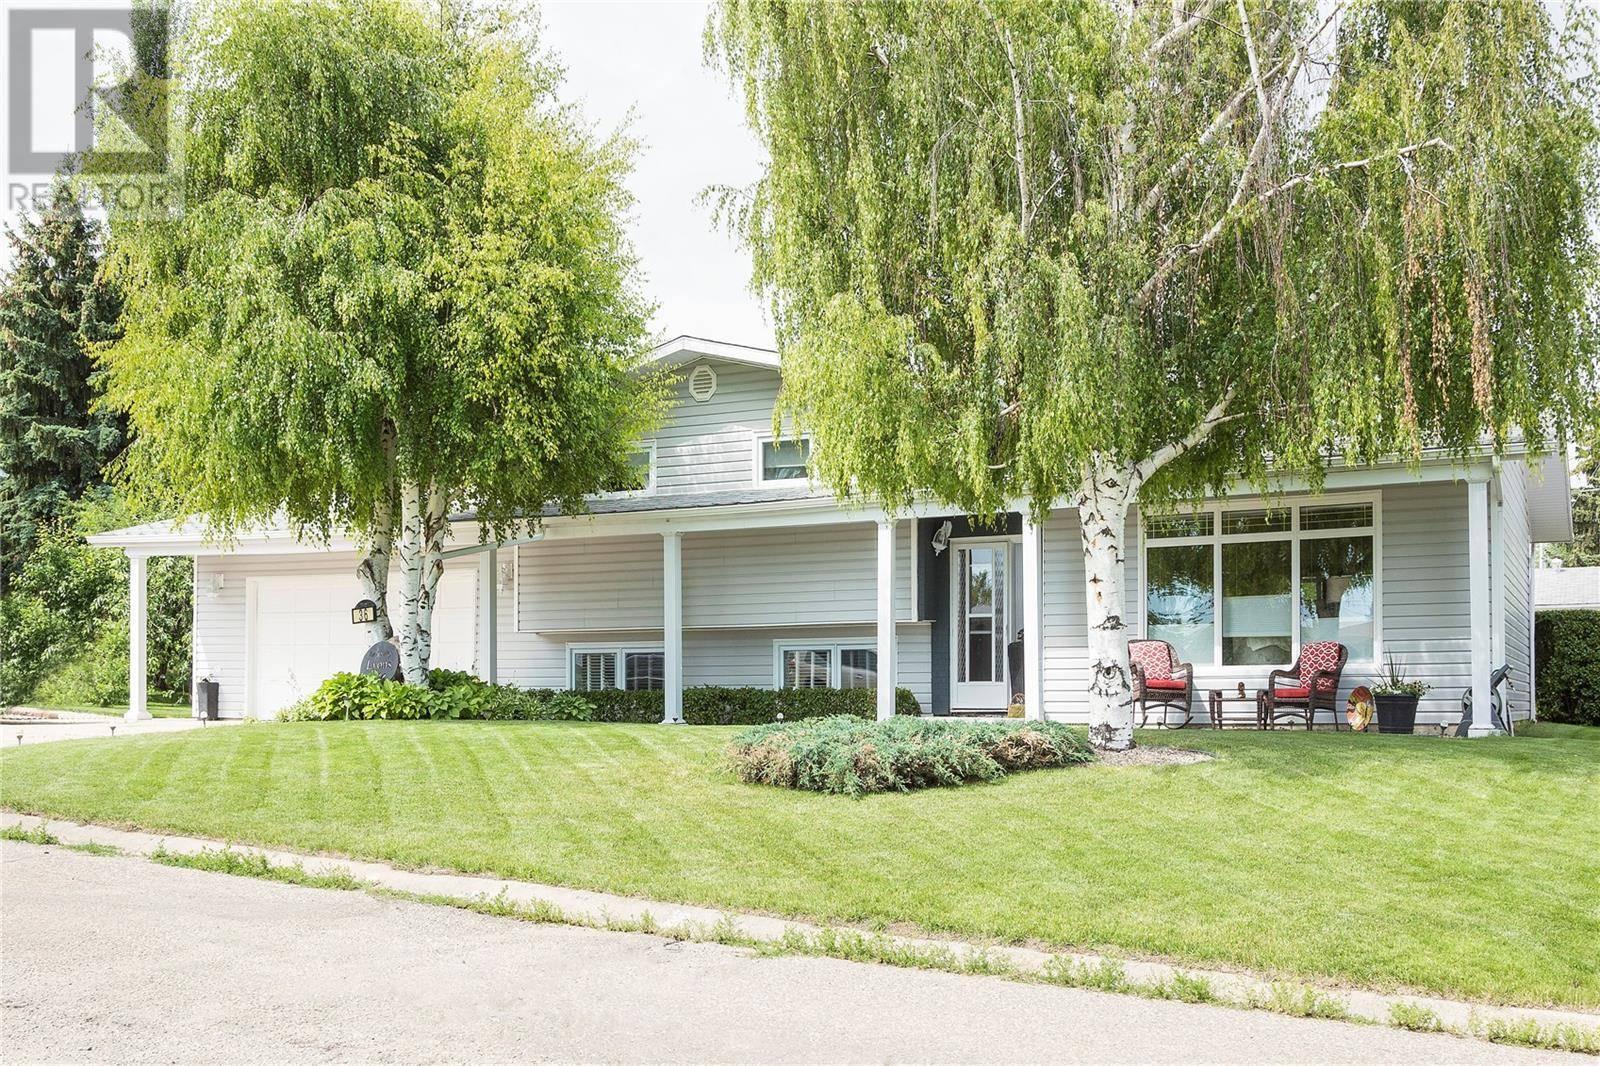 House for sale at 36 Birch Dr Birch Hills Saskatchewan - MLS: SK779446